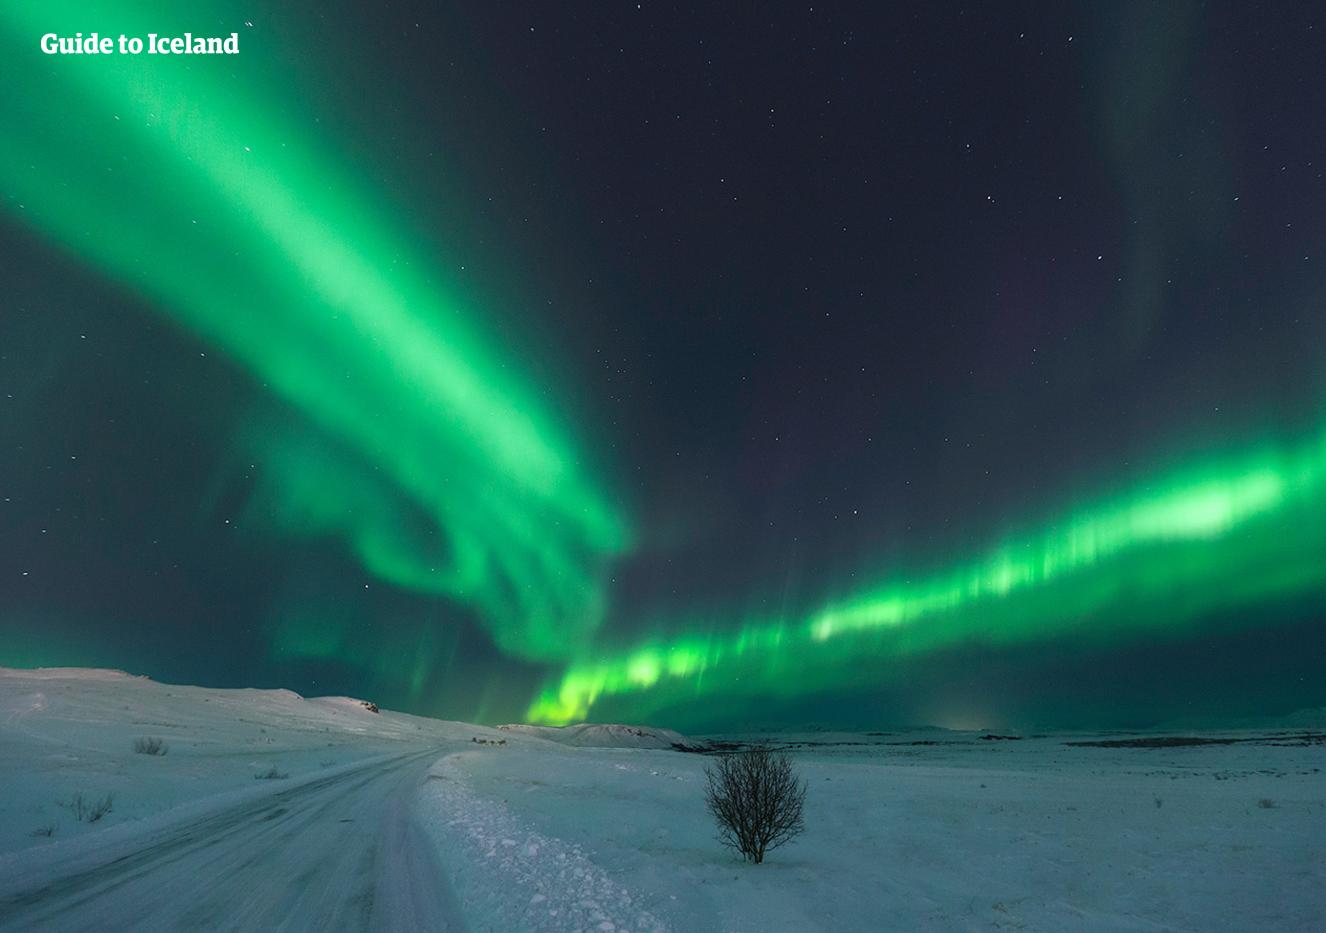 Jadąc zimą przez Islandię nocą, masz doskonałą okazję dostrzec zorzę polarną.